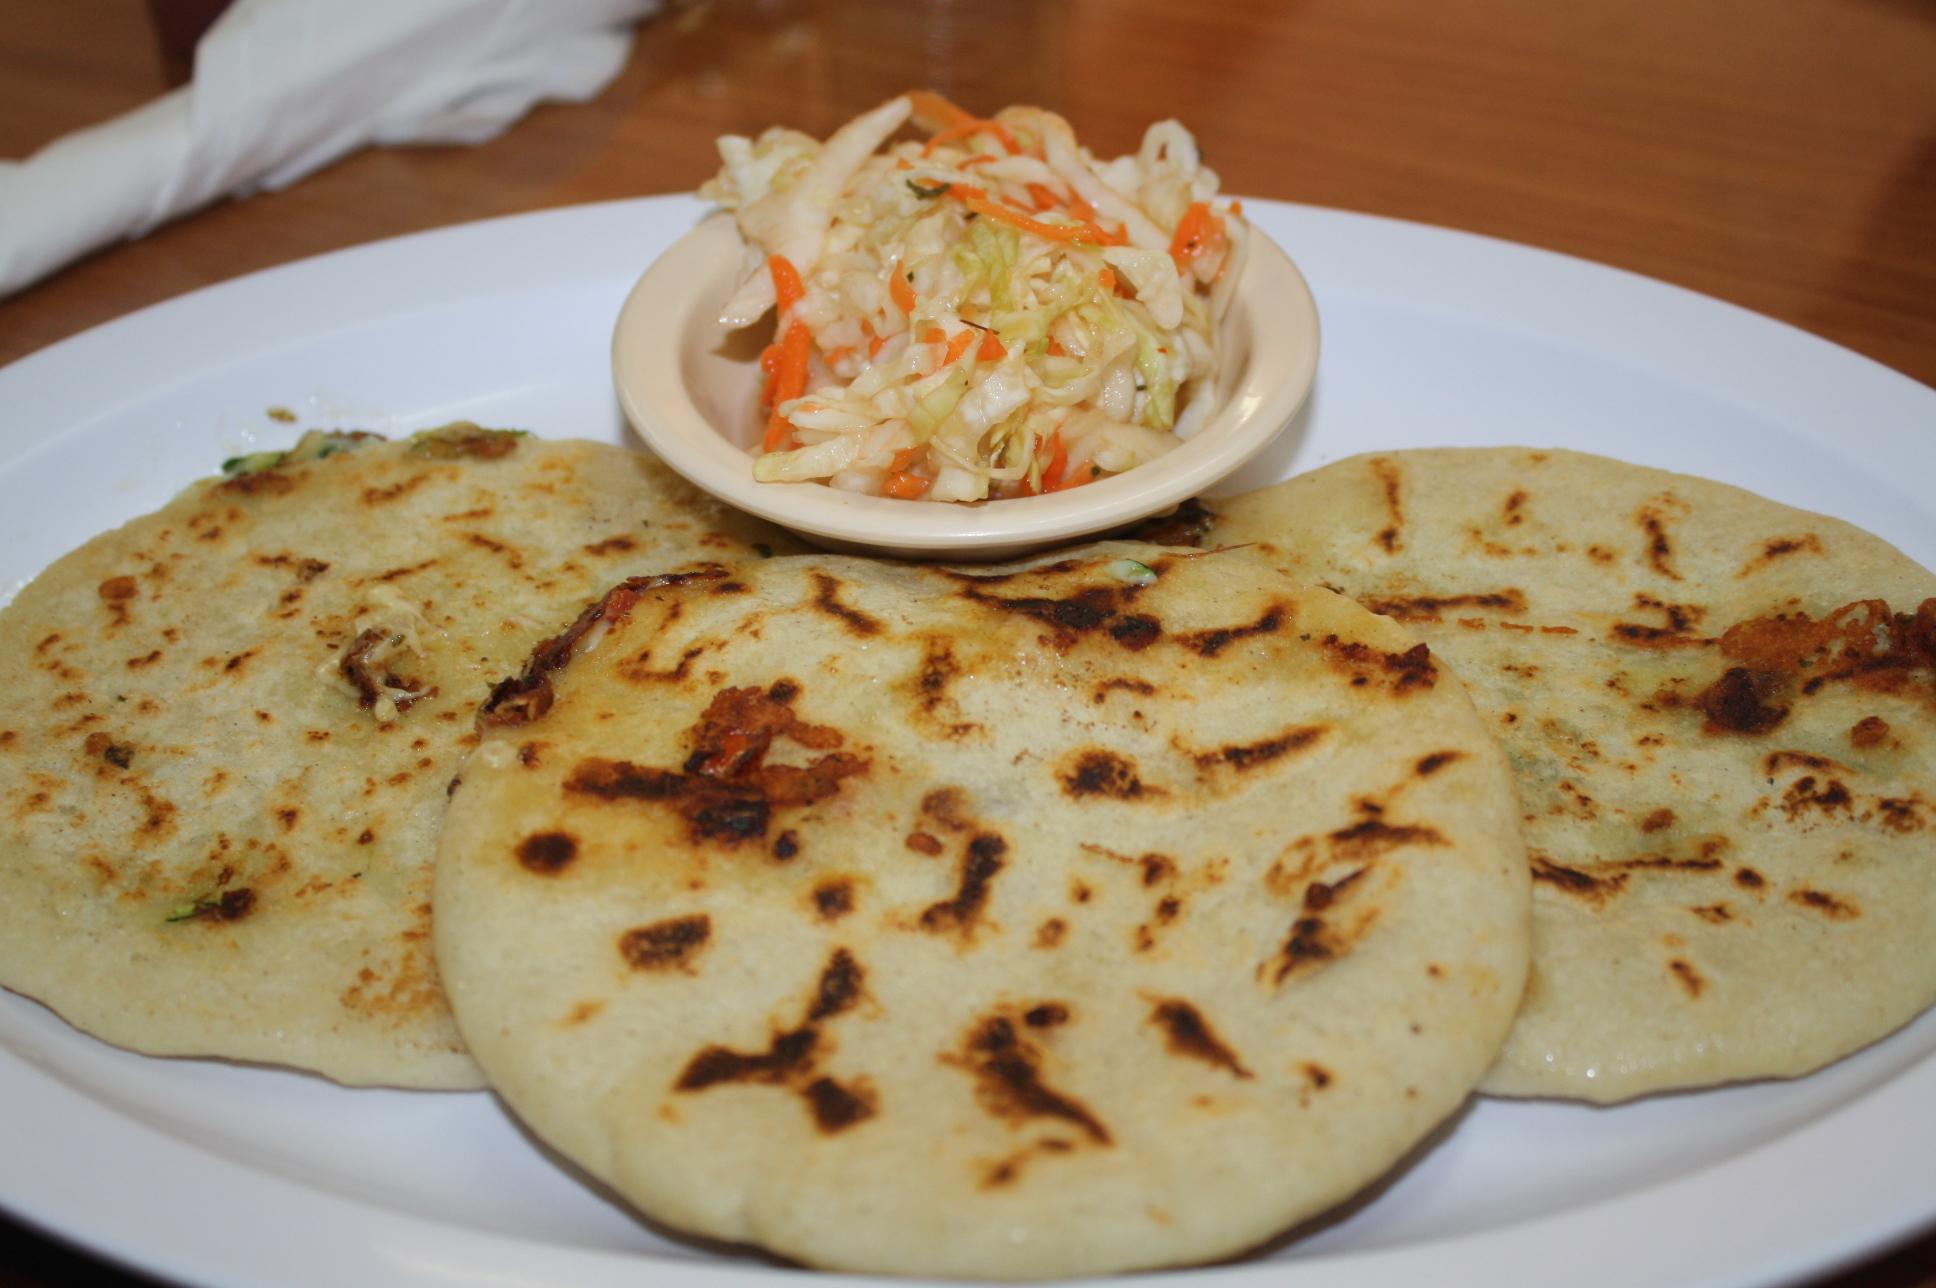 Pupusa de camarón con queso, espinaca y calabaza con queso. (Foto de Agustín Durán/El Pasajero)